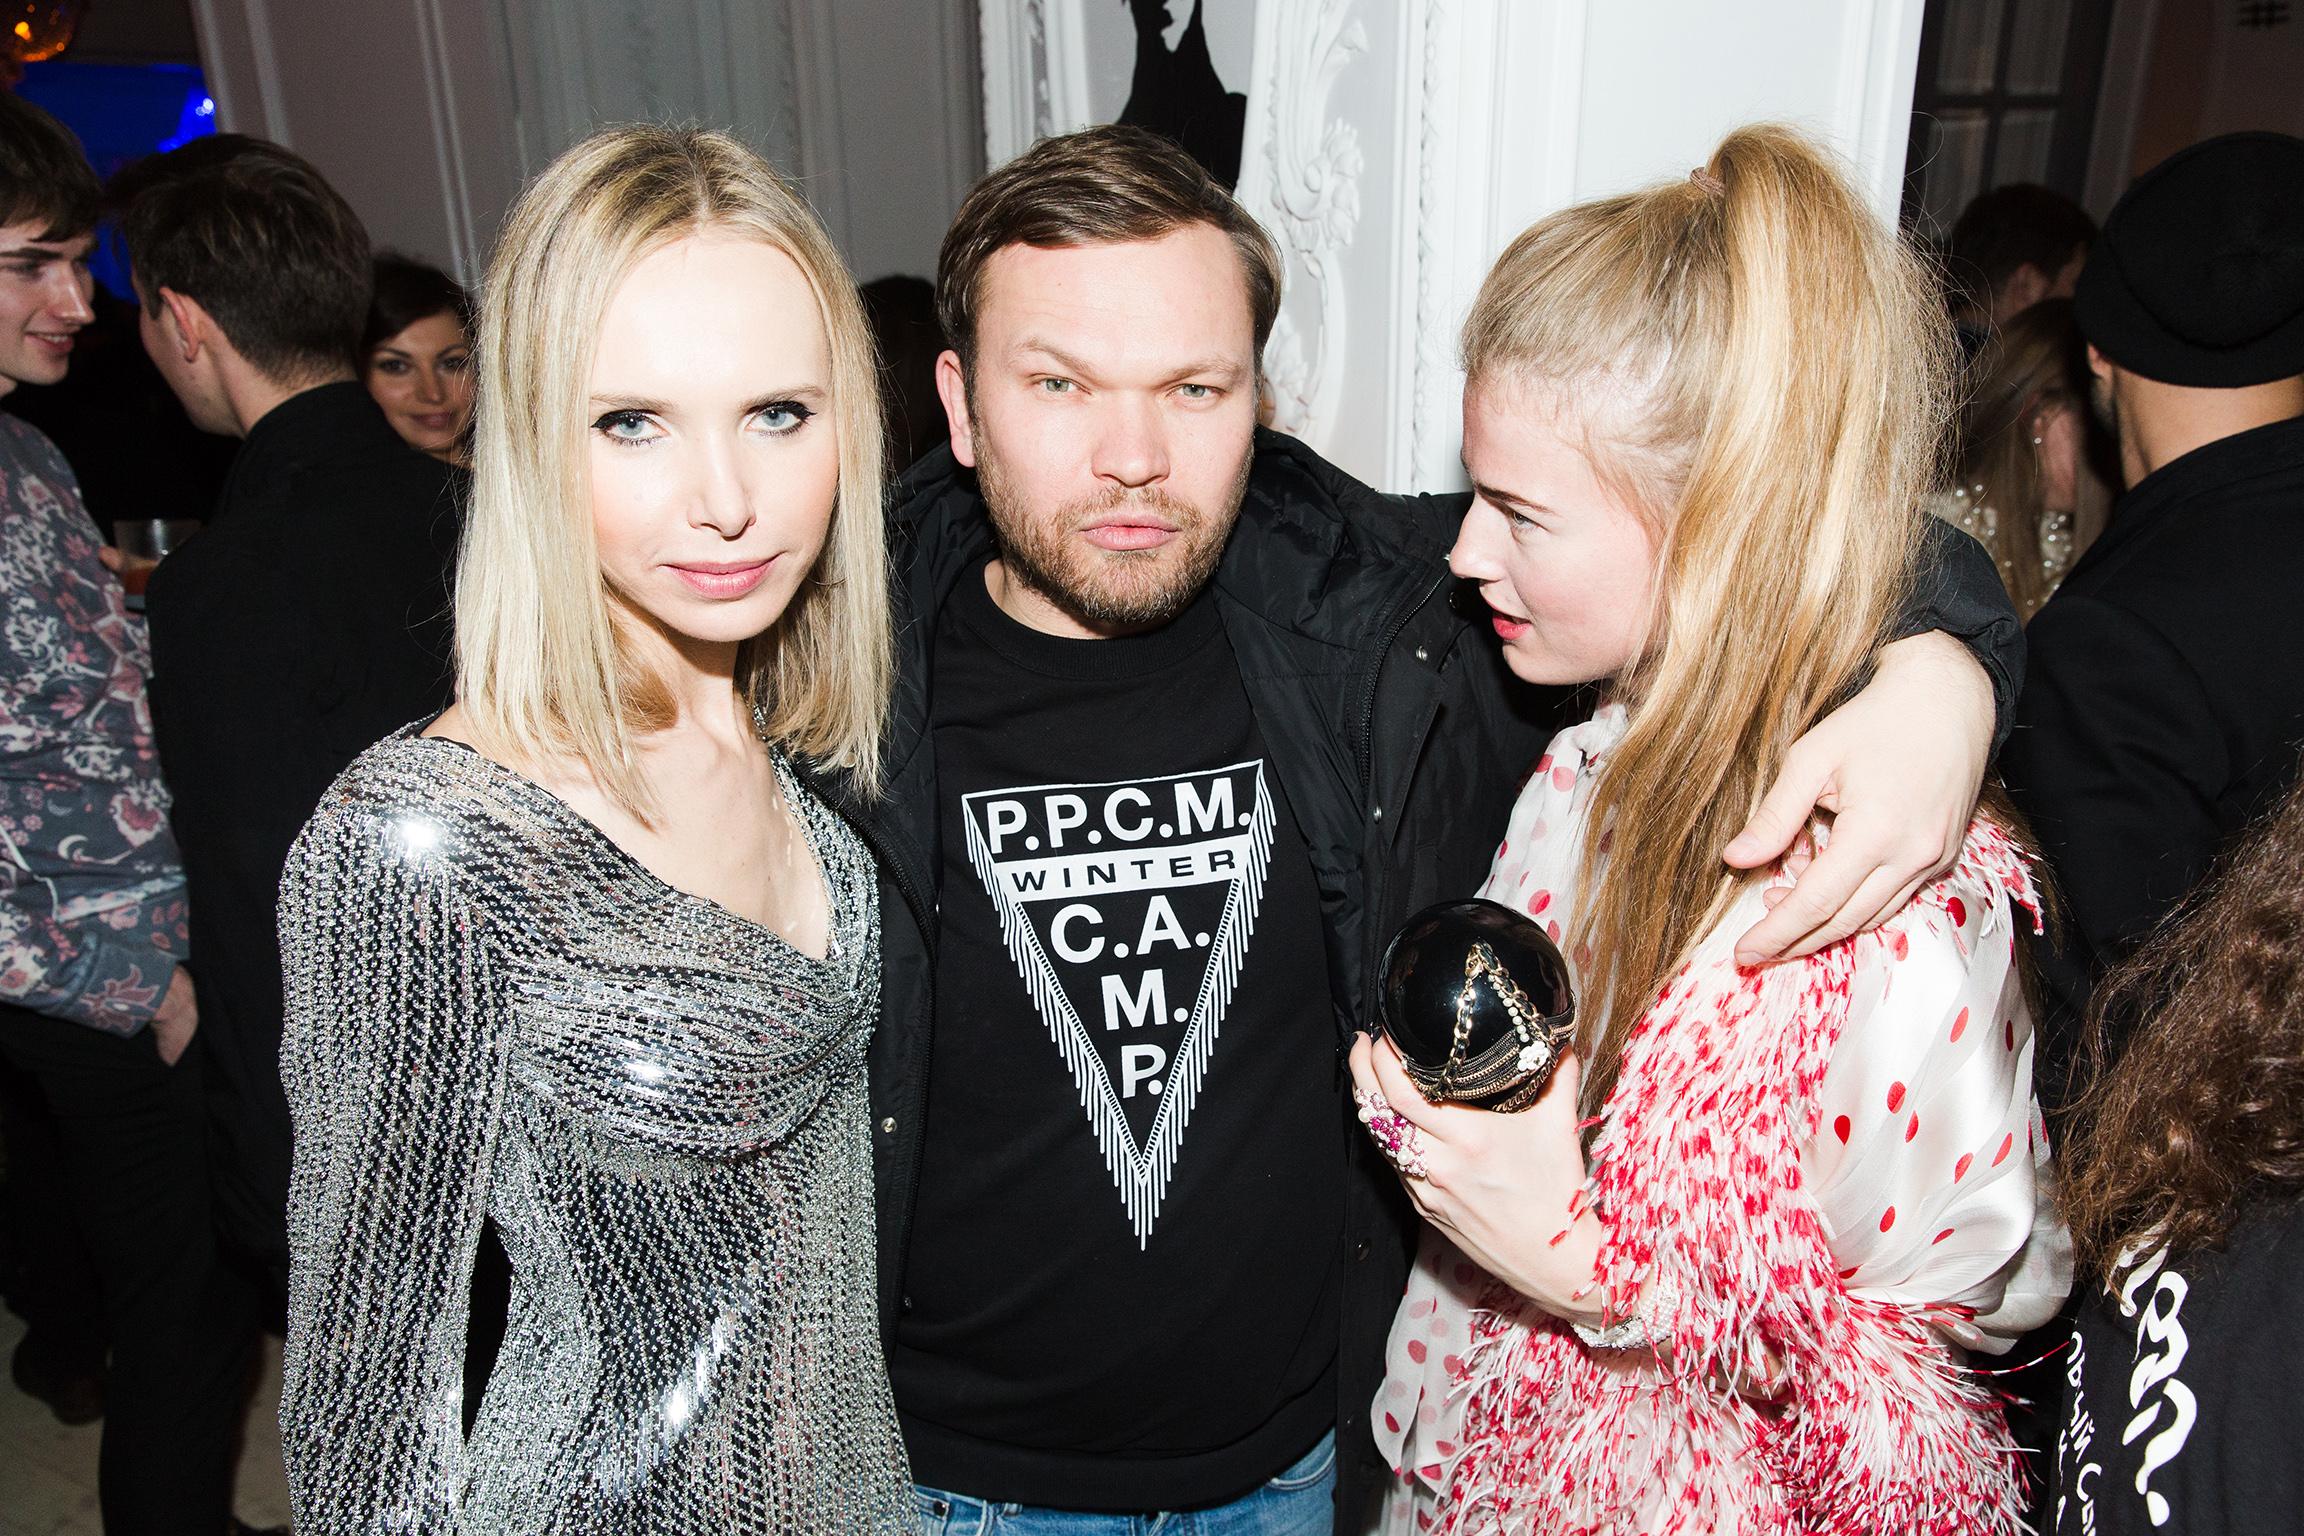 Фотографы Илона Столье, Алексей Киселев и it girl Софья Заика